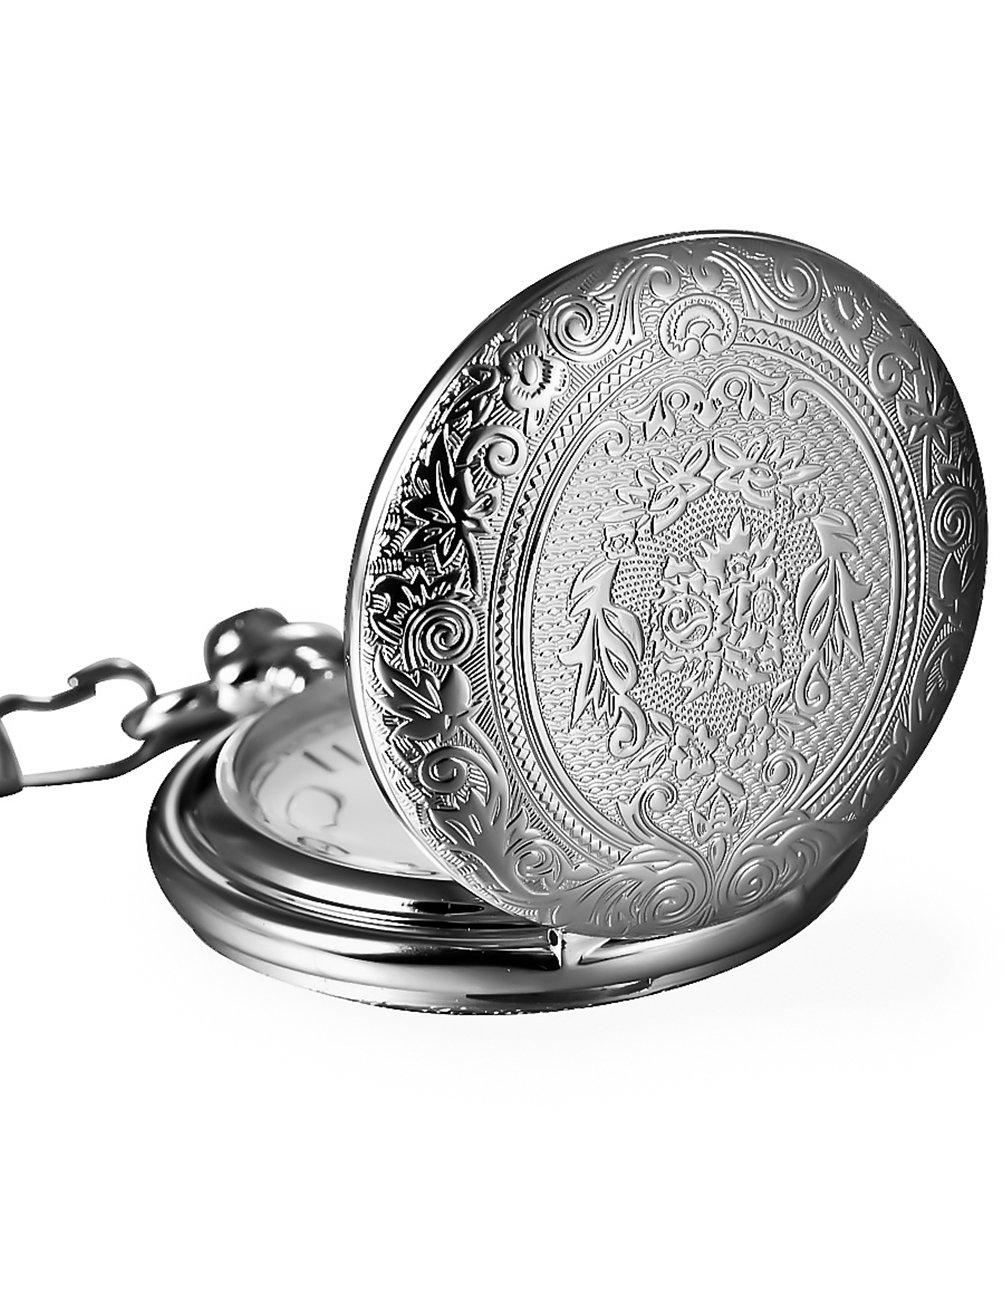 Mudder Vintage Silver Stainless Steel Quartz Pocket Watch Chain 0